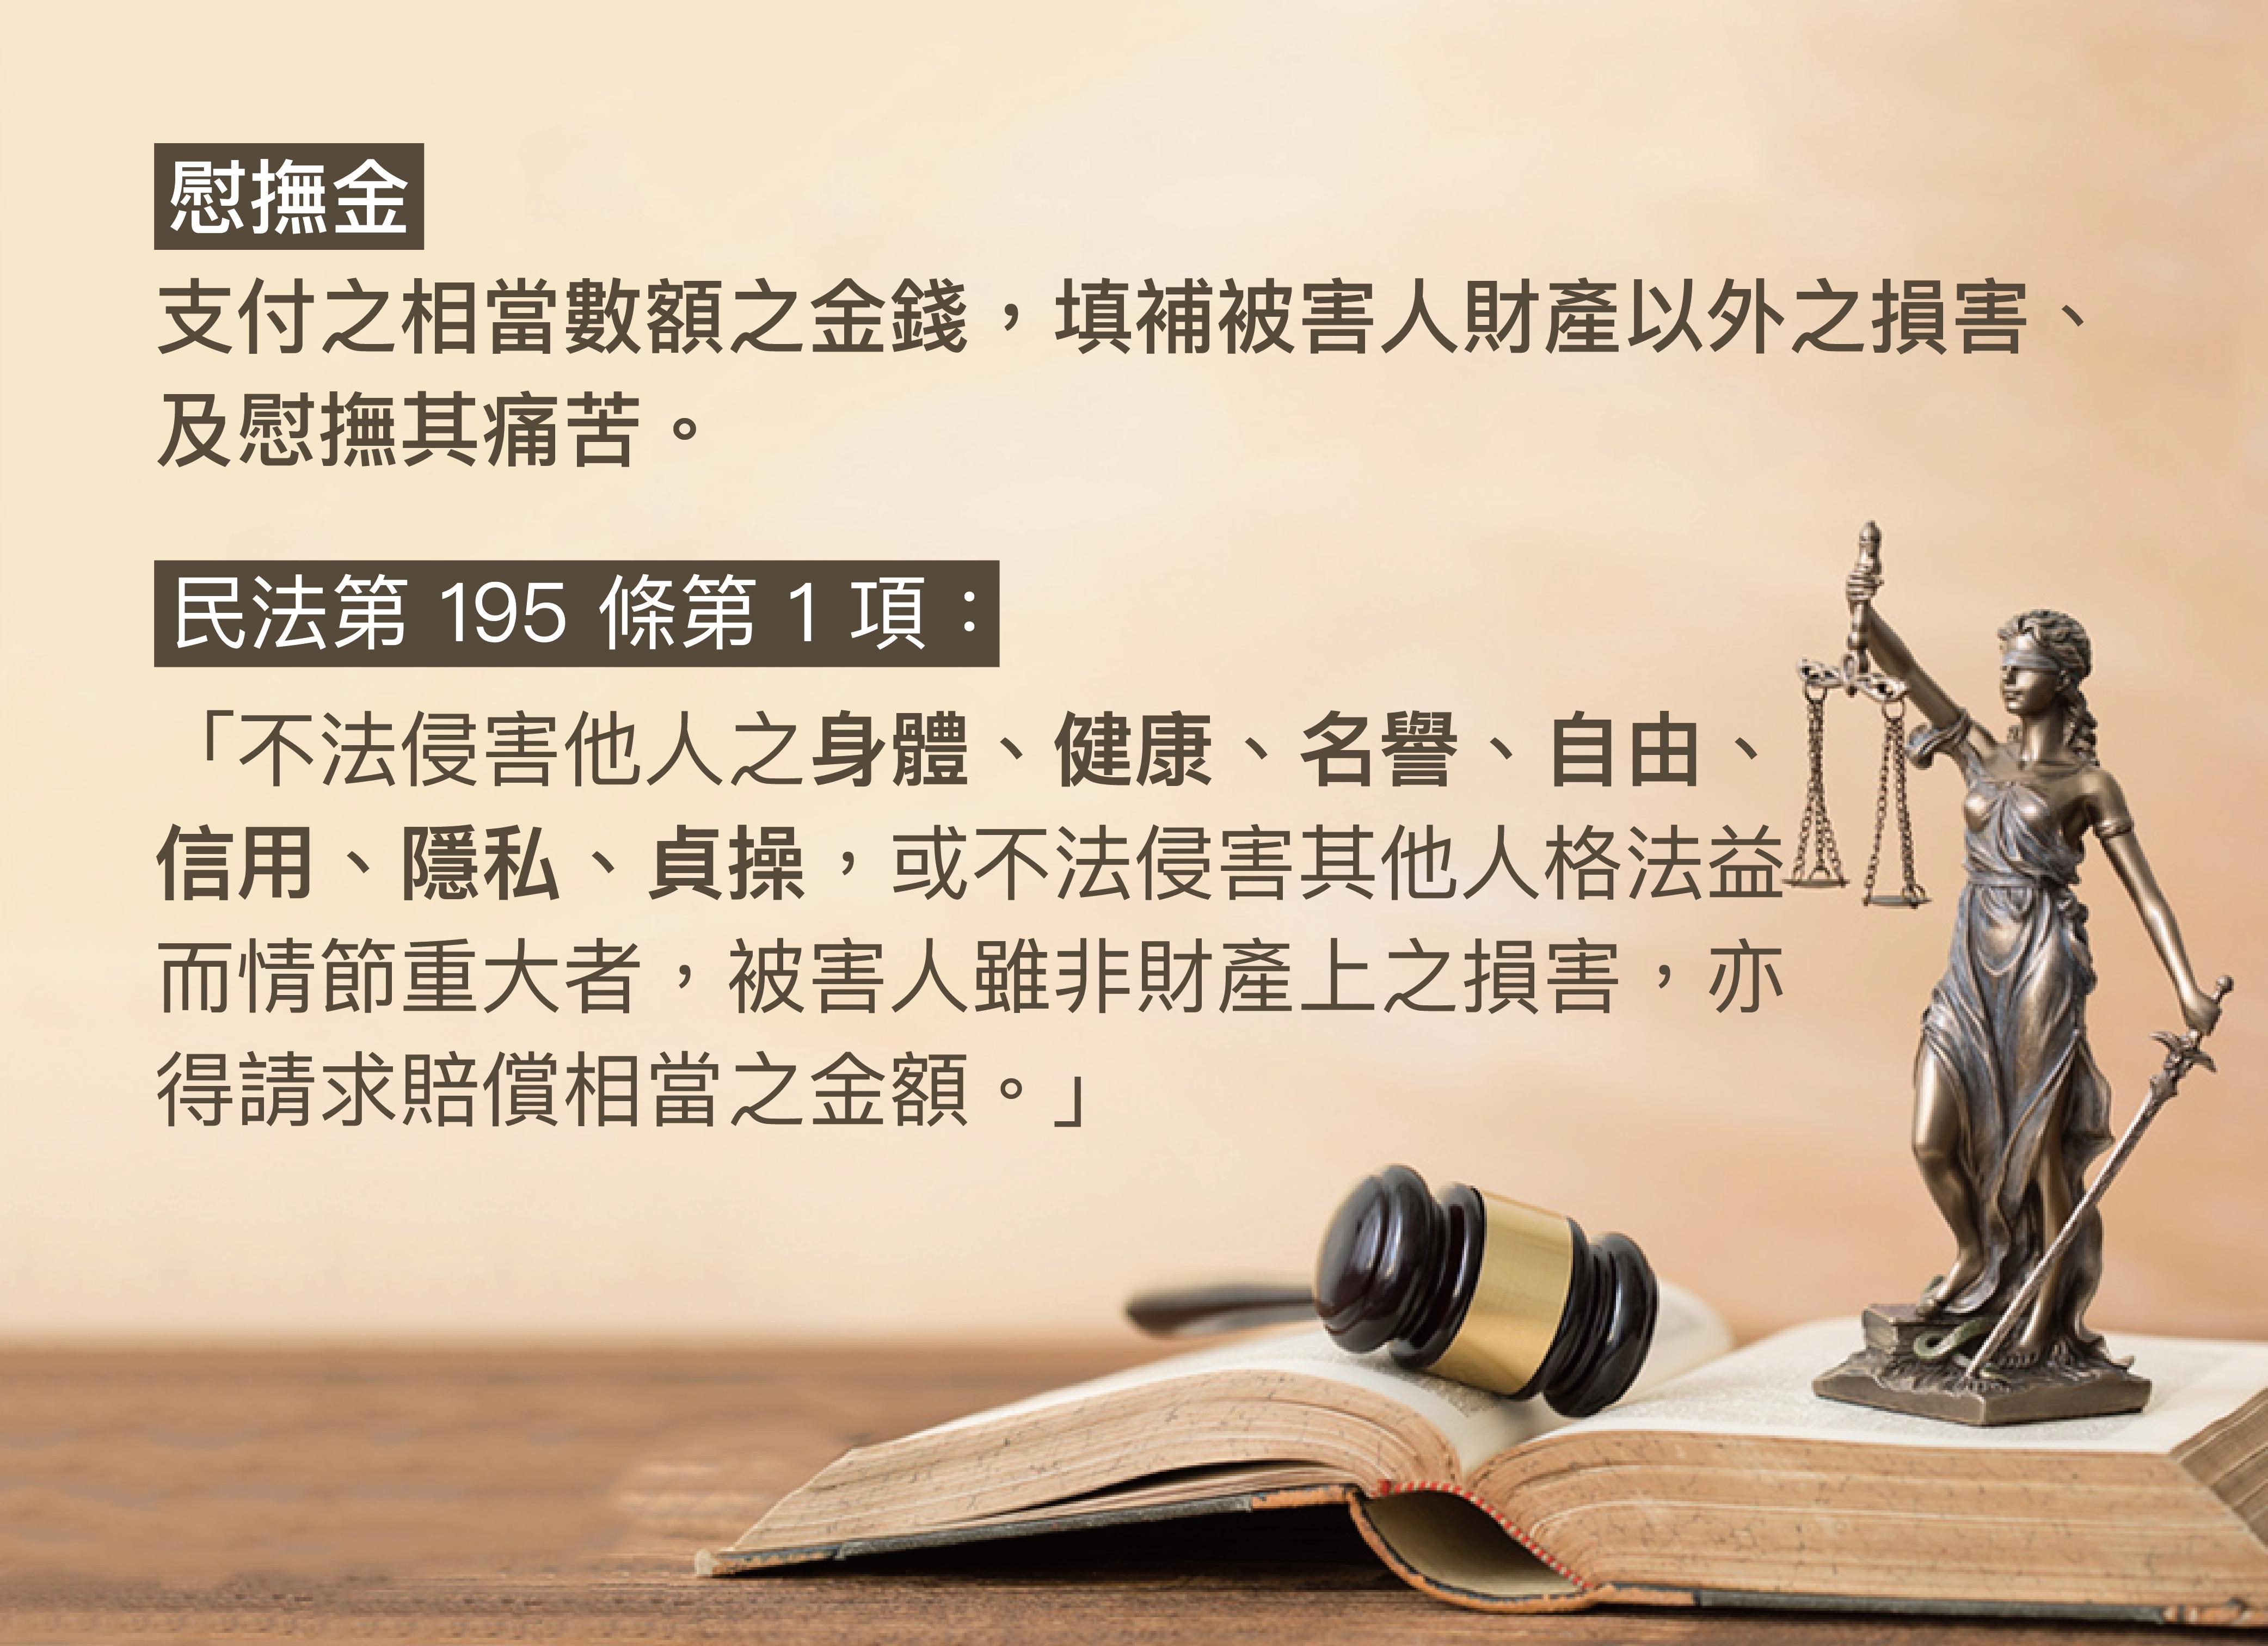 慰撫金的概念與民法規定。圖│研之有物(資料來源│張永健)